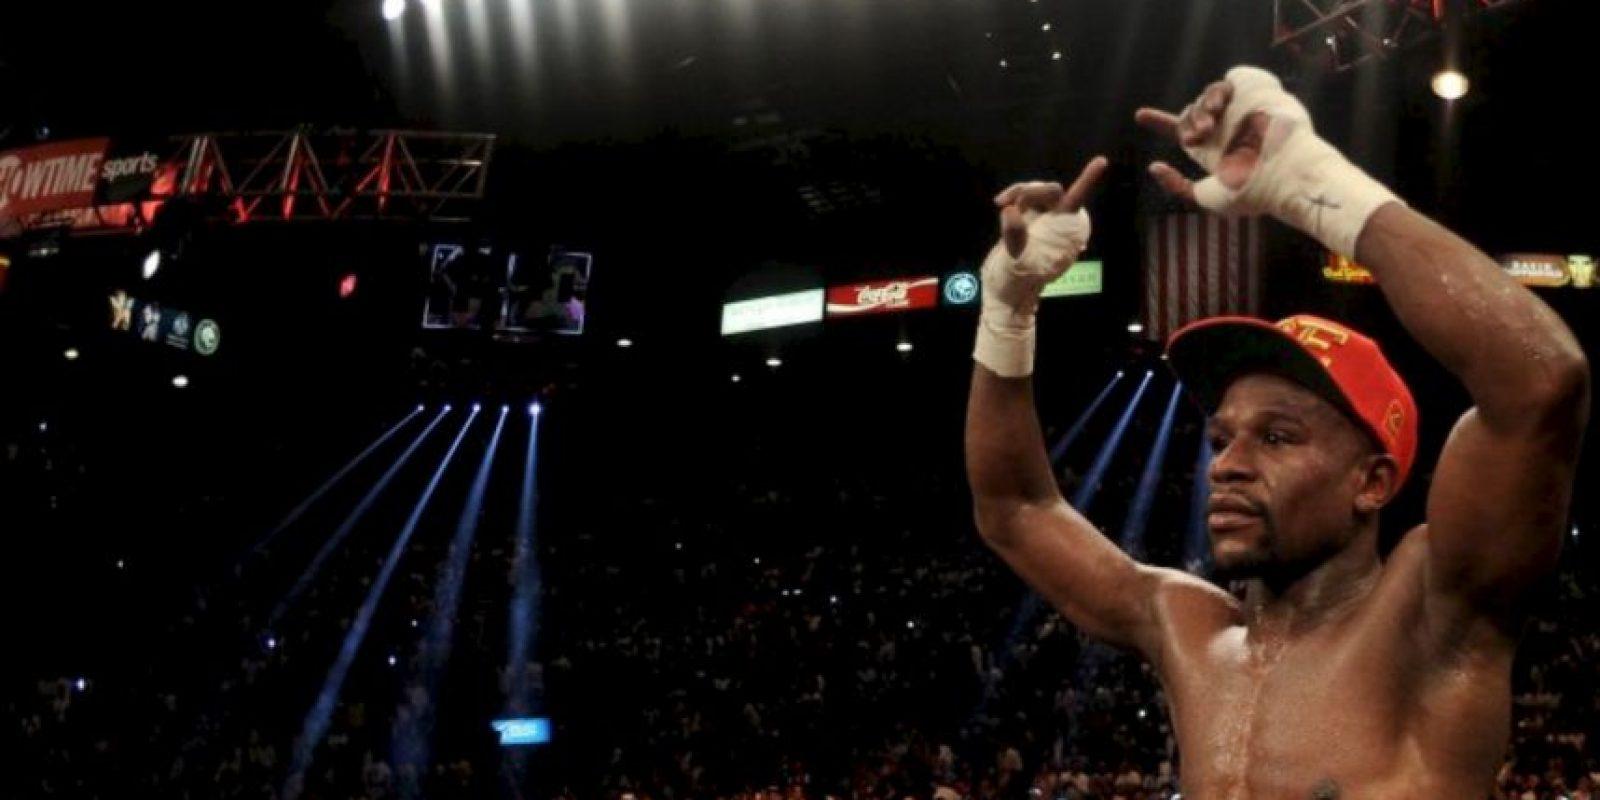 La pelea generará cerca de 200 millones de dólares Foto:Getty Images